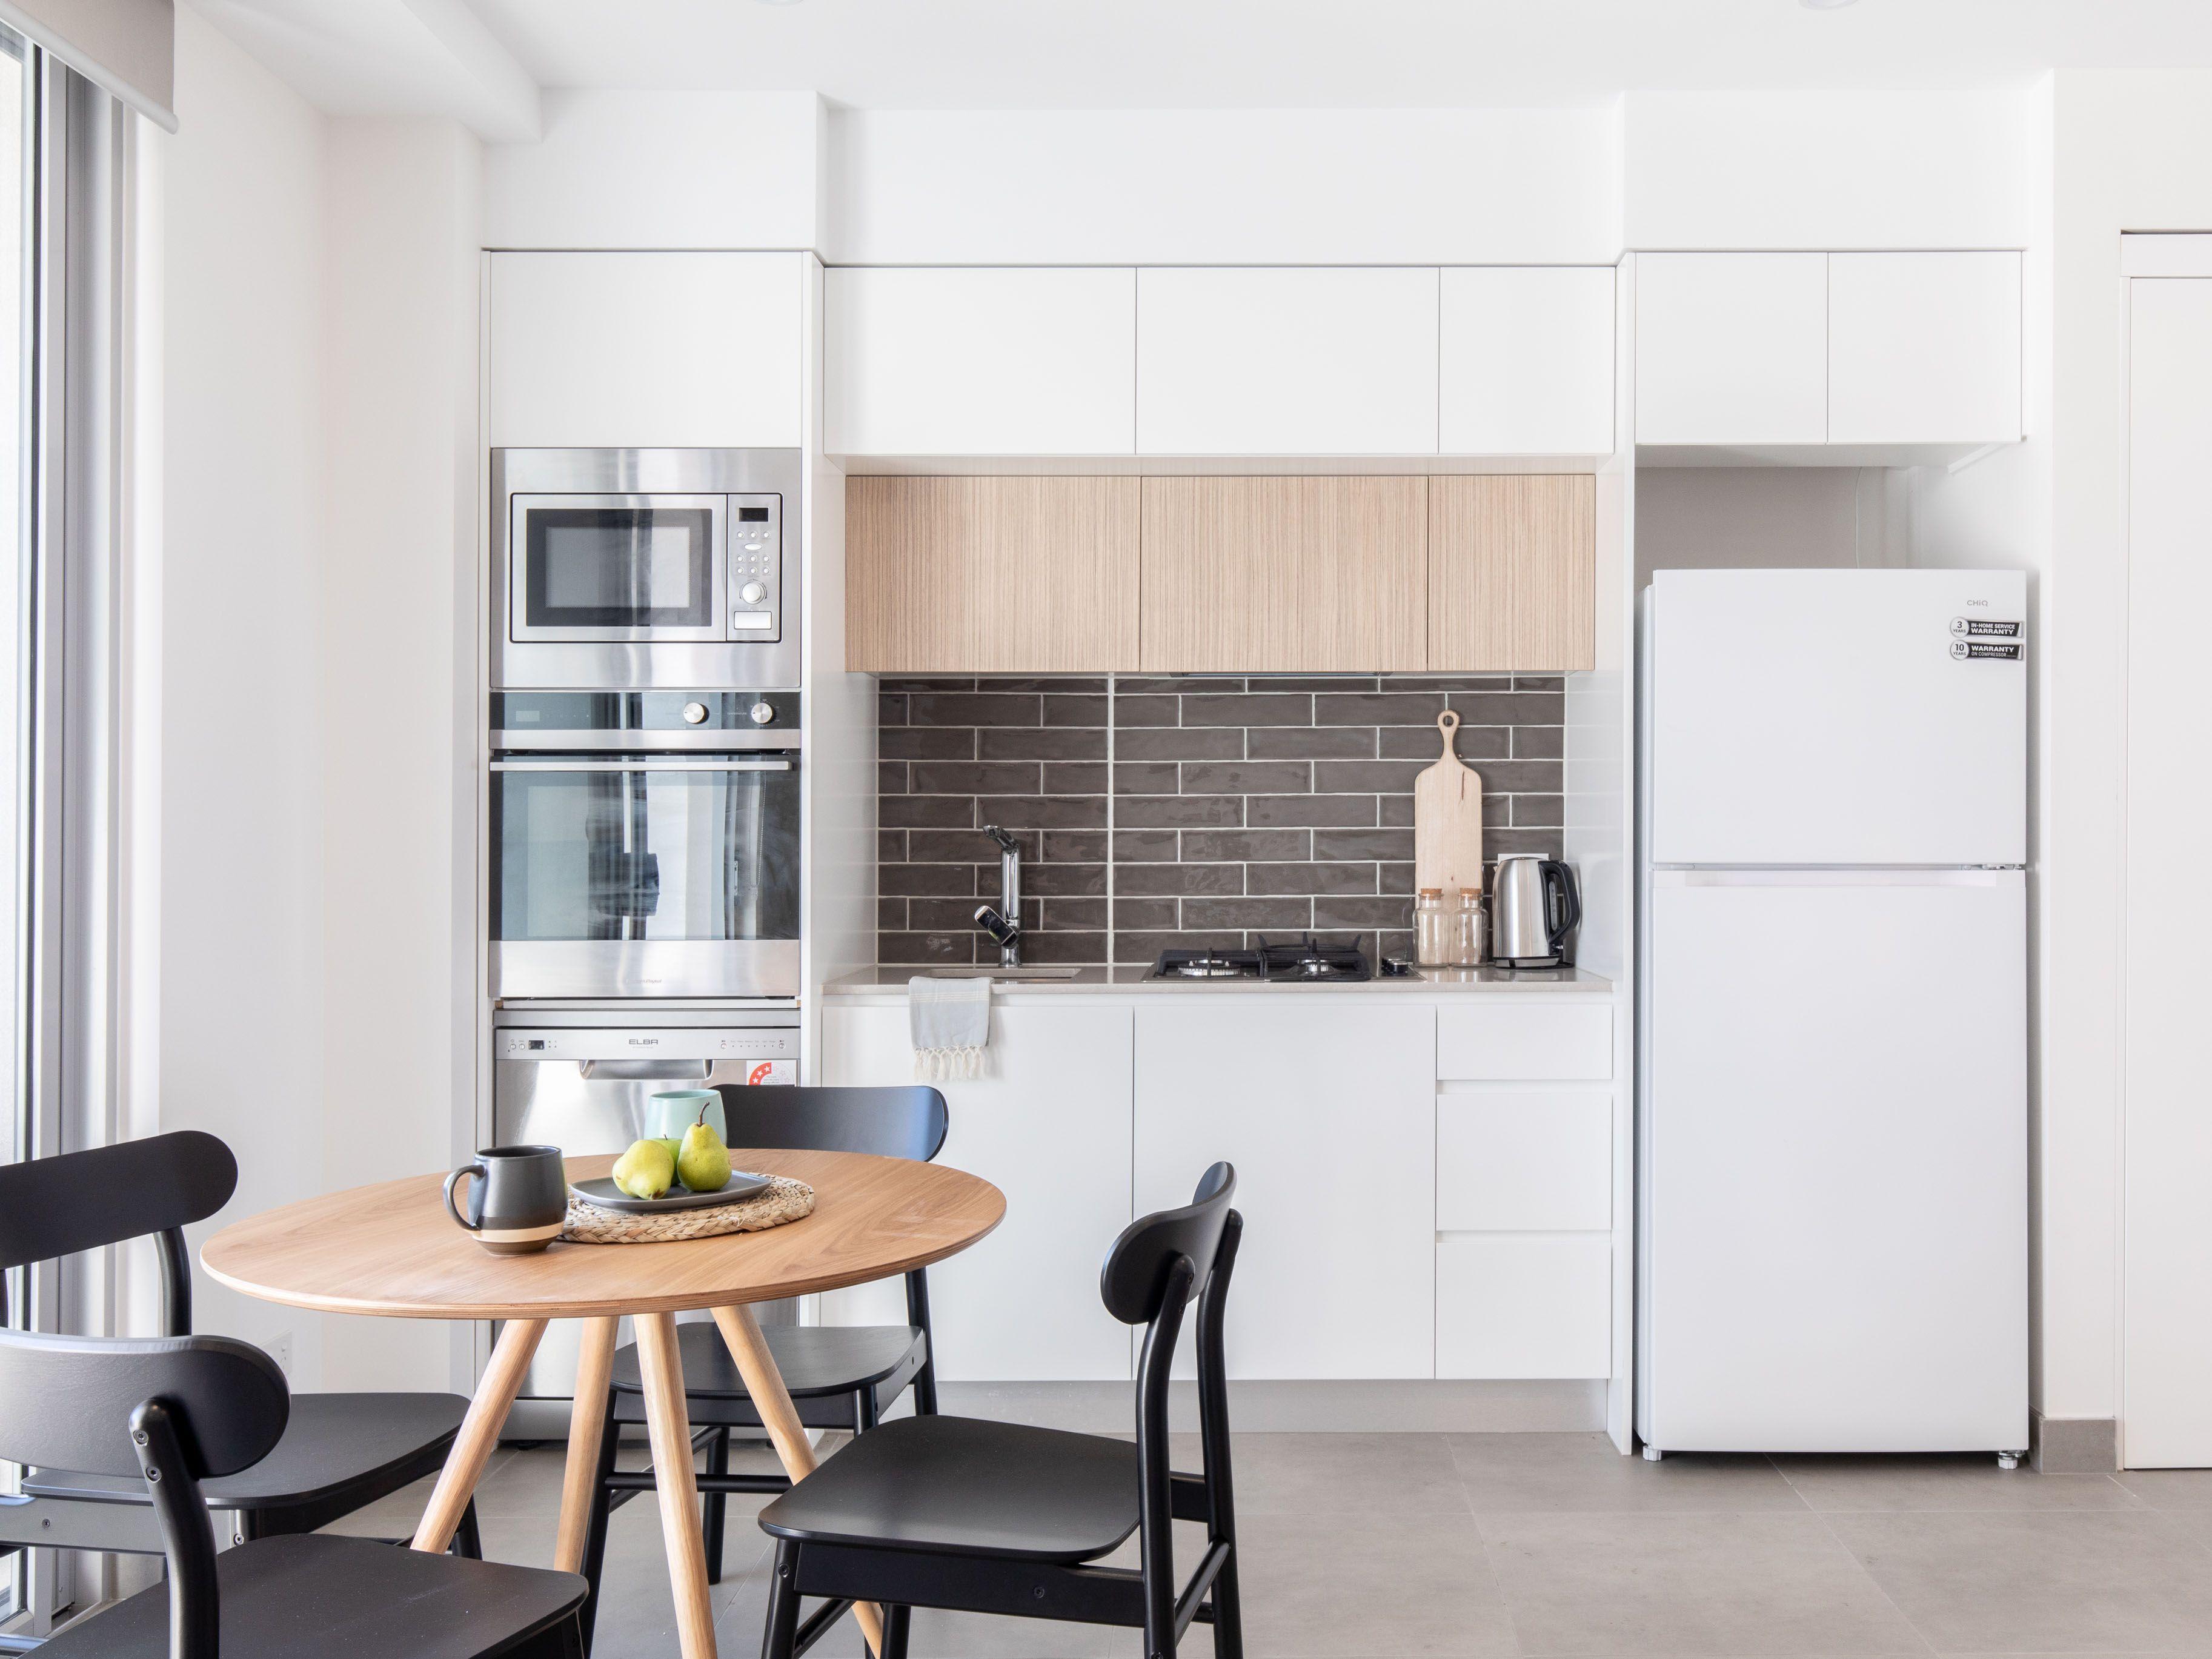 Sydney Apartment Kitchen Hmlet Apartment Kitchen Communal Kitchen Kitchen Design